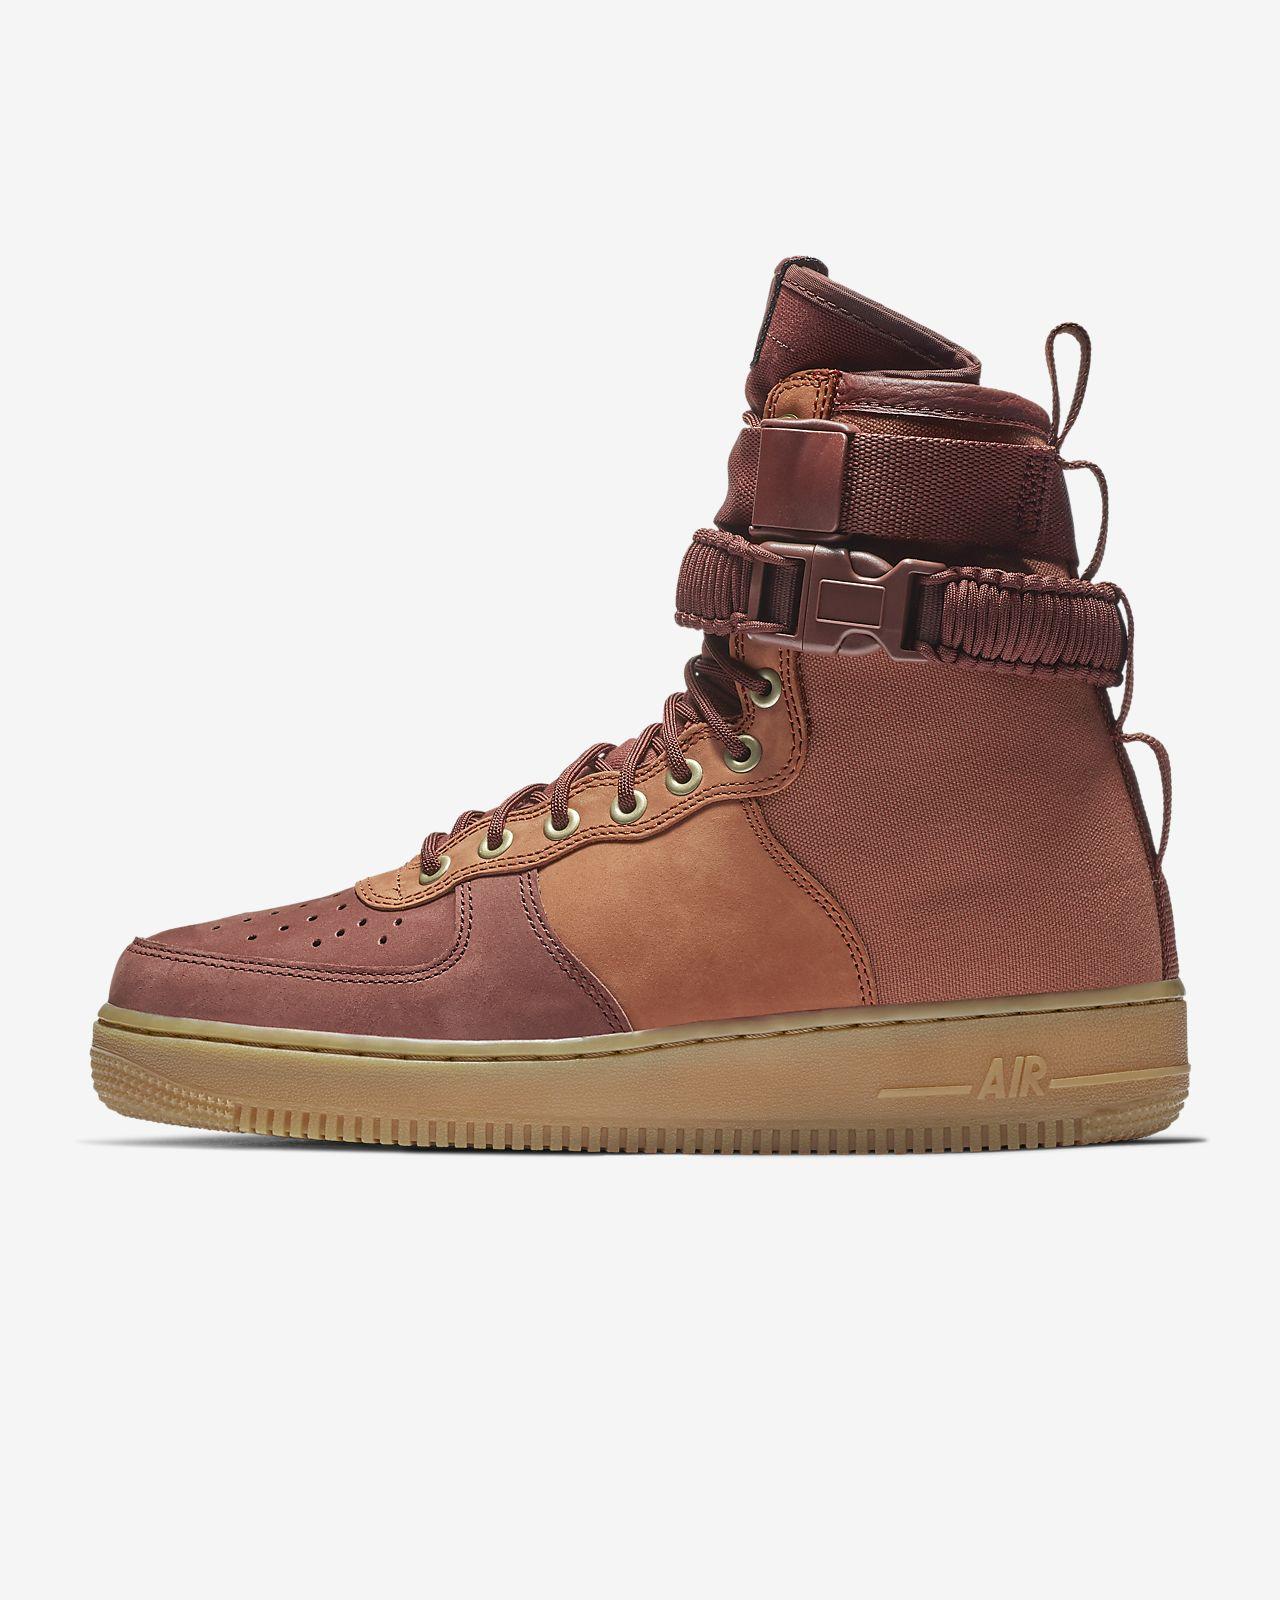 Force Chaussure Nike Premium Homme 1 Sf Pour Air CBsdQthxr